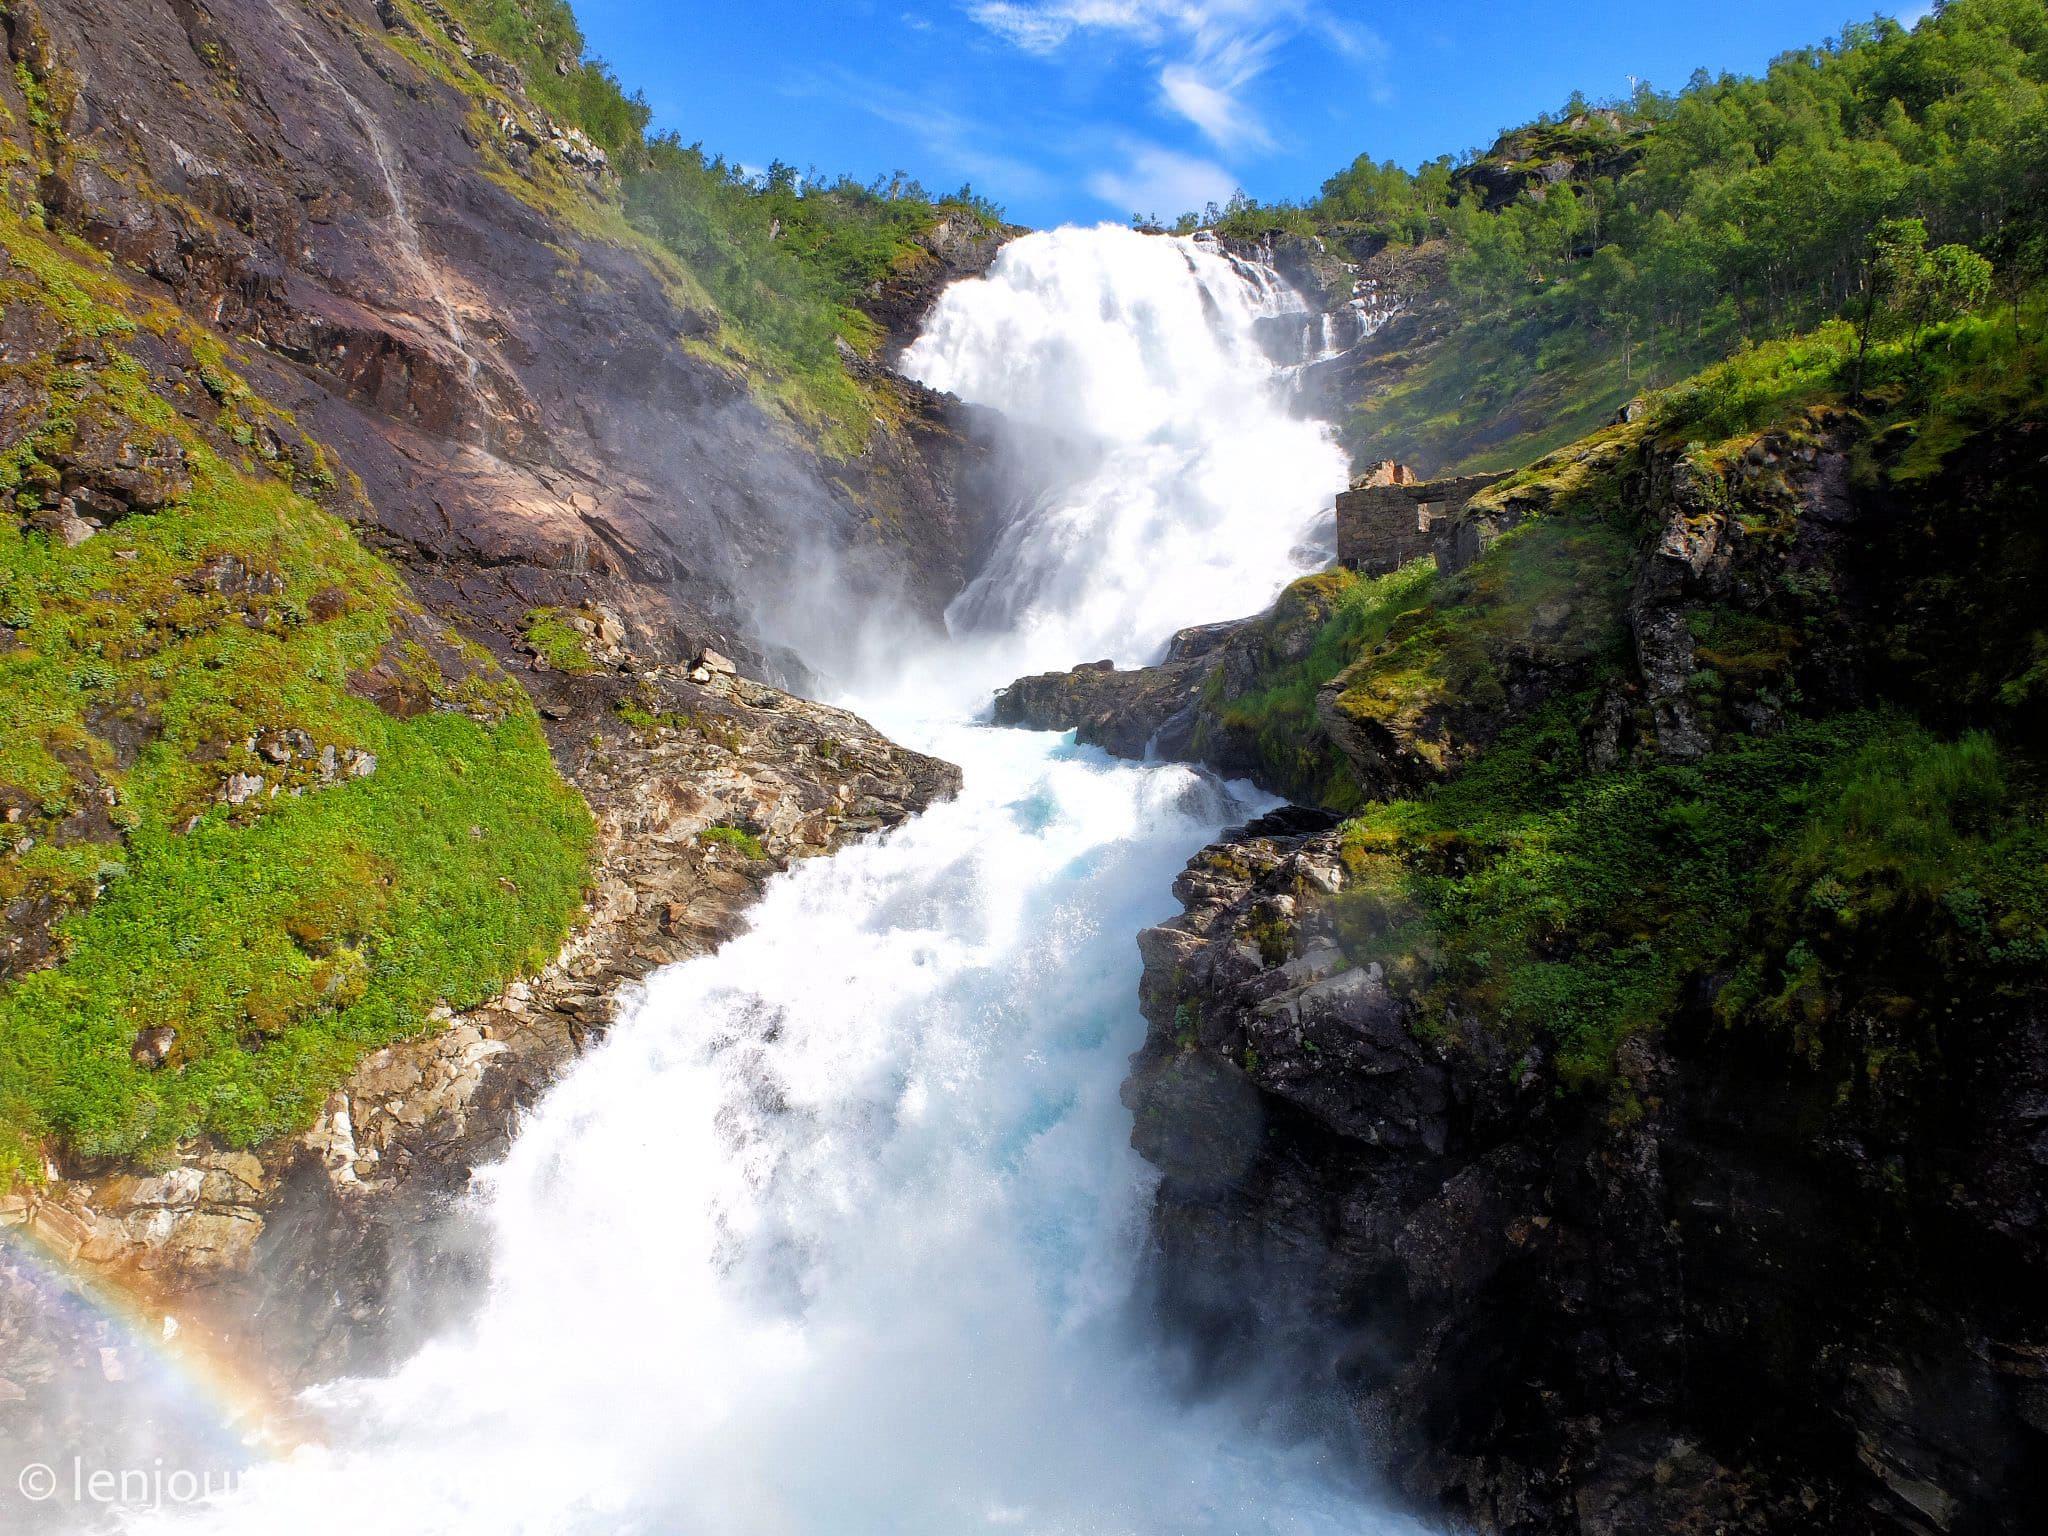 Kjossfossen, Norway